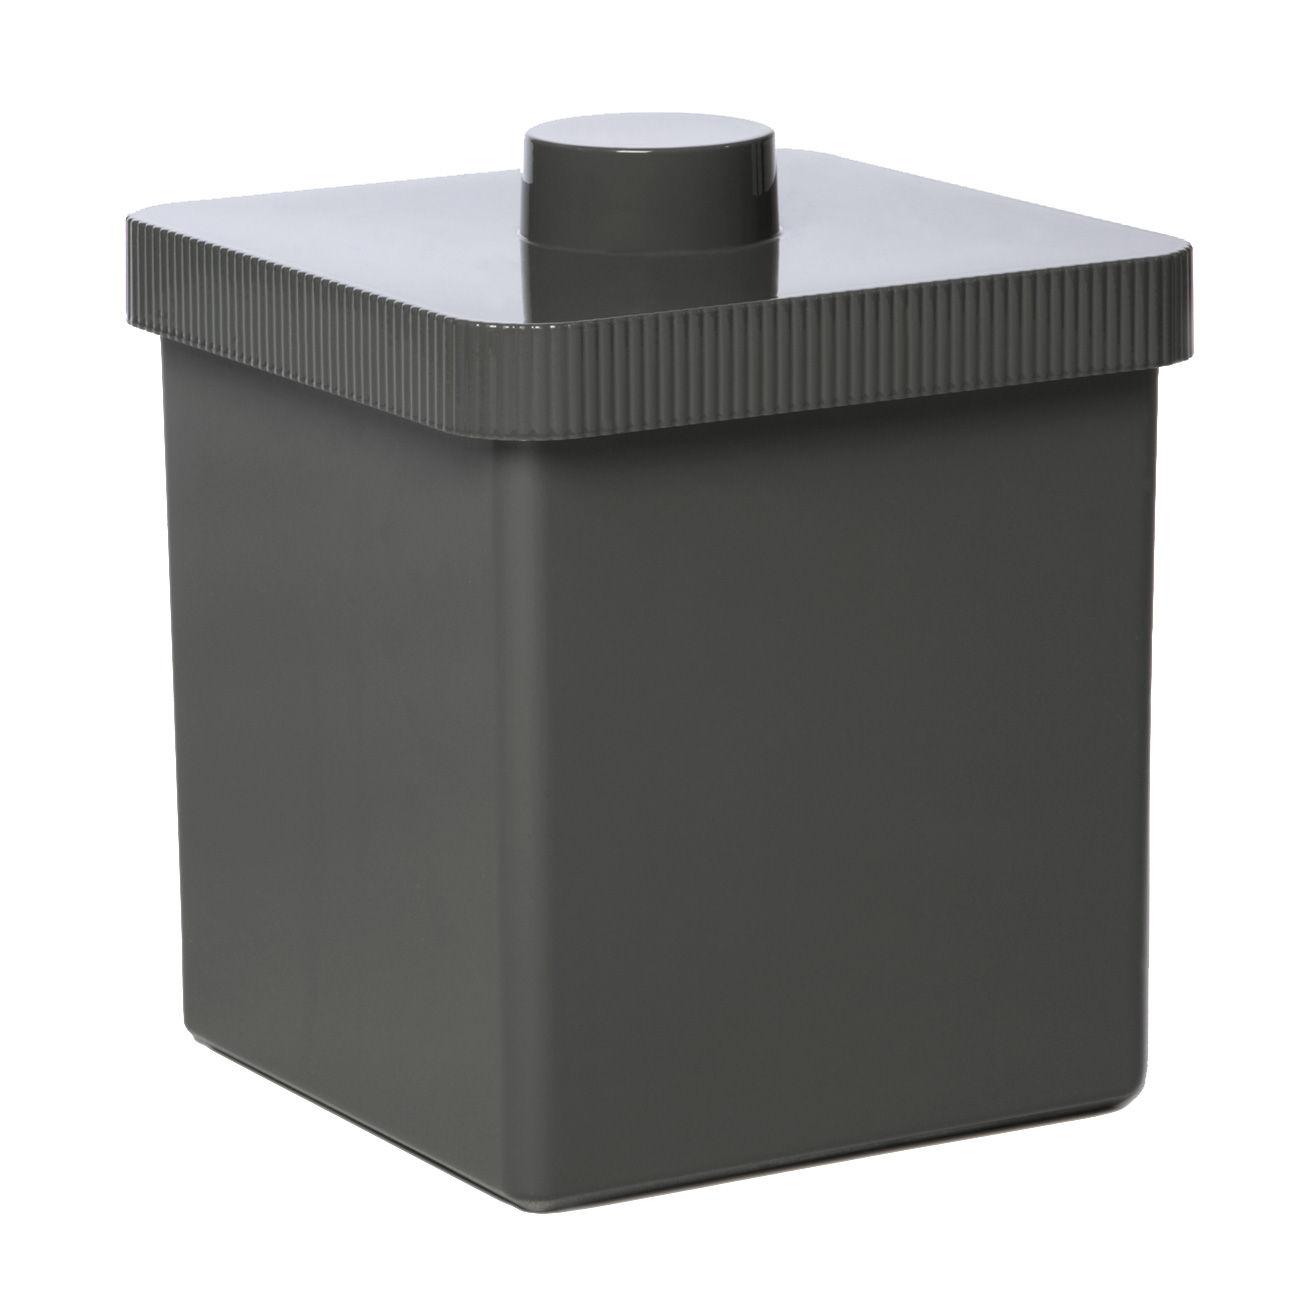 Déco - Salle de bains - Poubelle Kali 10 Litres - Authentics - Gris foncé - Plastique